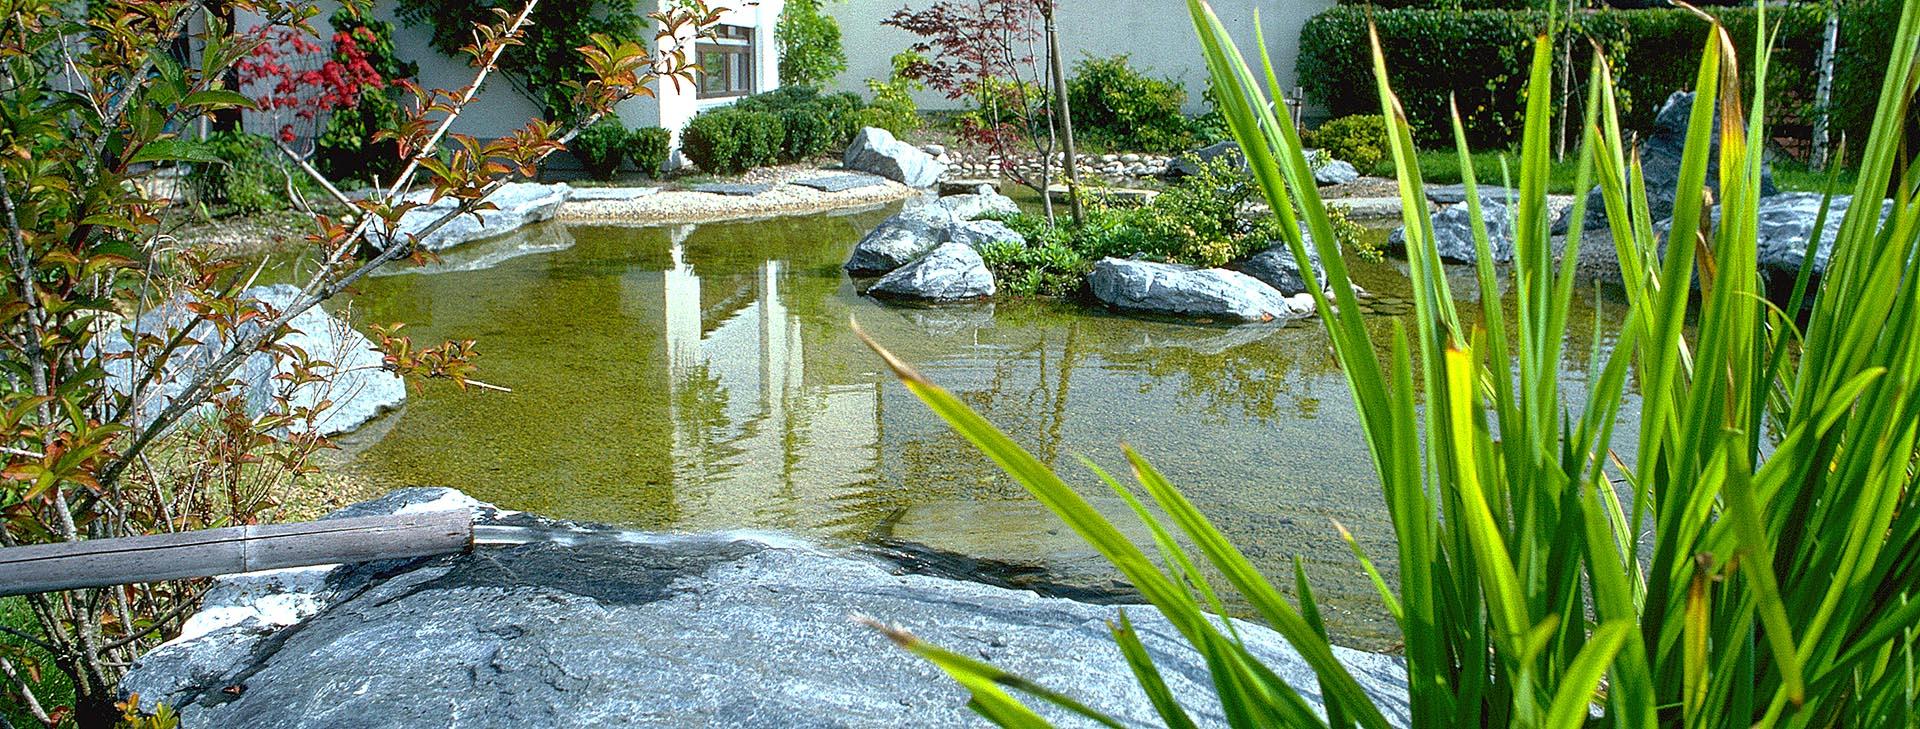 bassin miroir esprit zen création jardin japonais